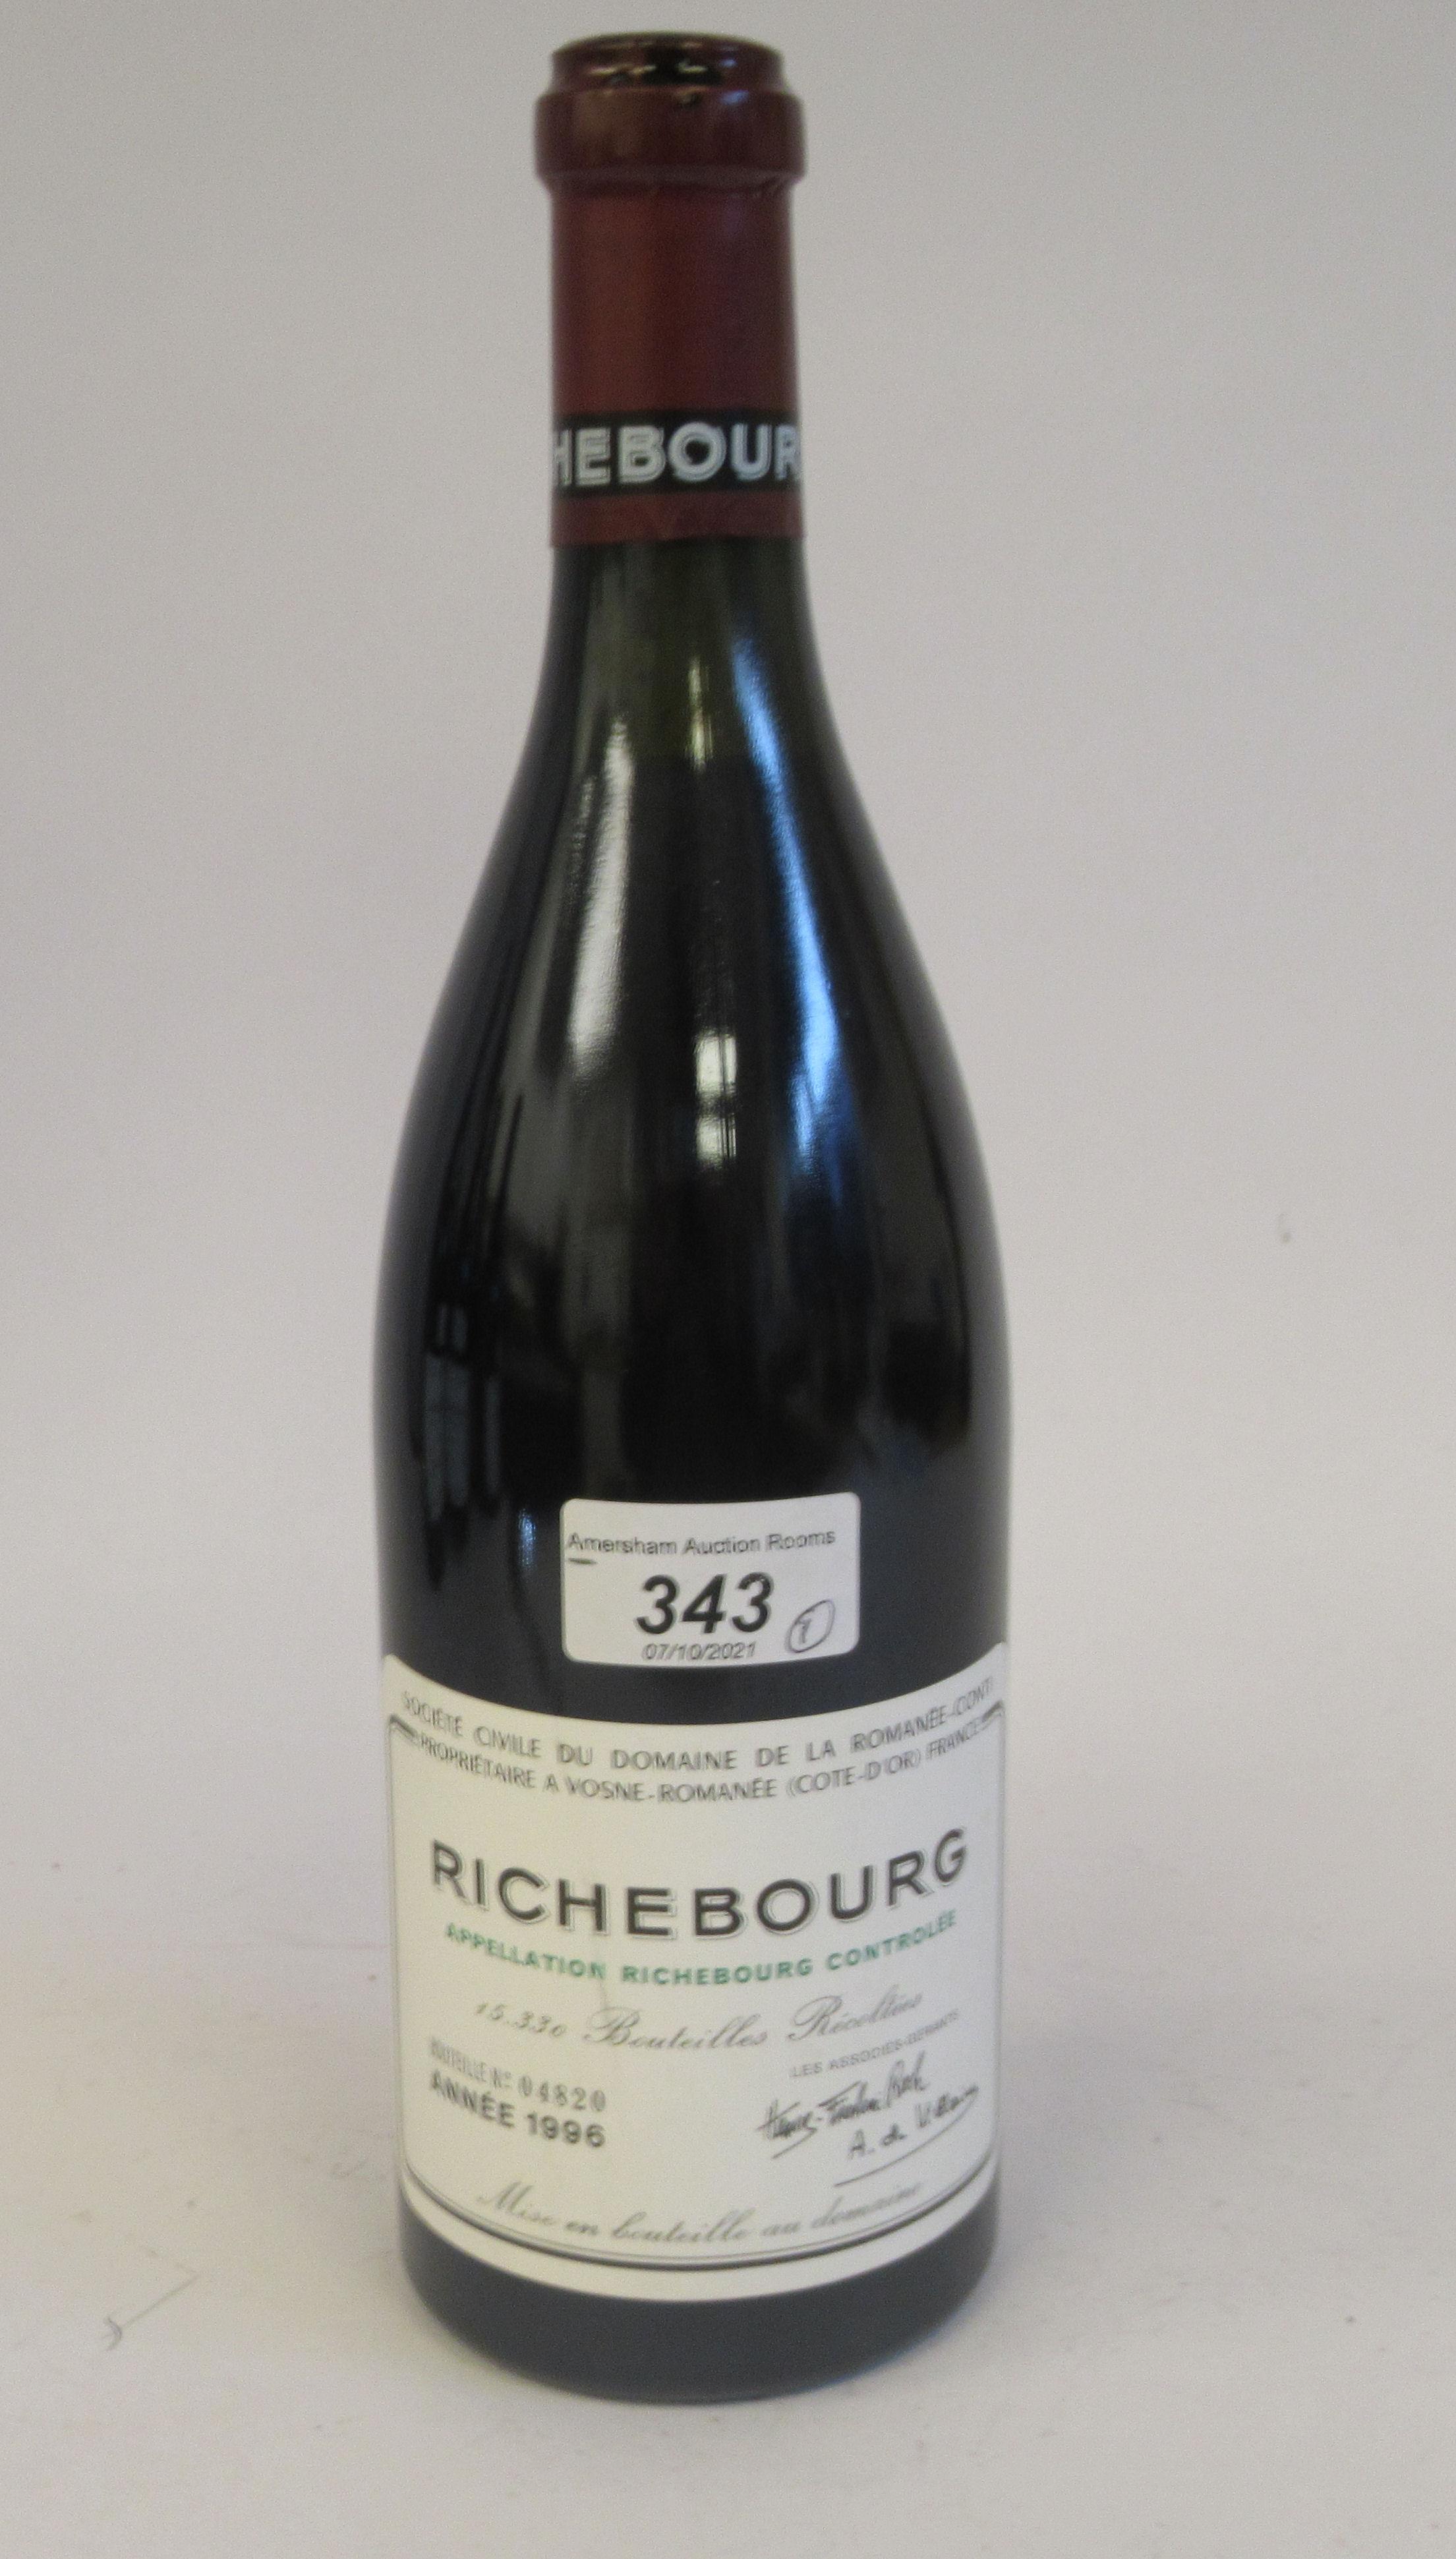 Wine, a bottle of 1996 Richebourg Domaine De La Romanee-Conti (bottle number 04820)